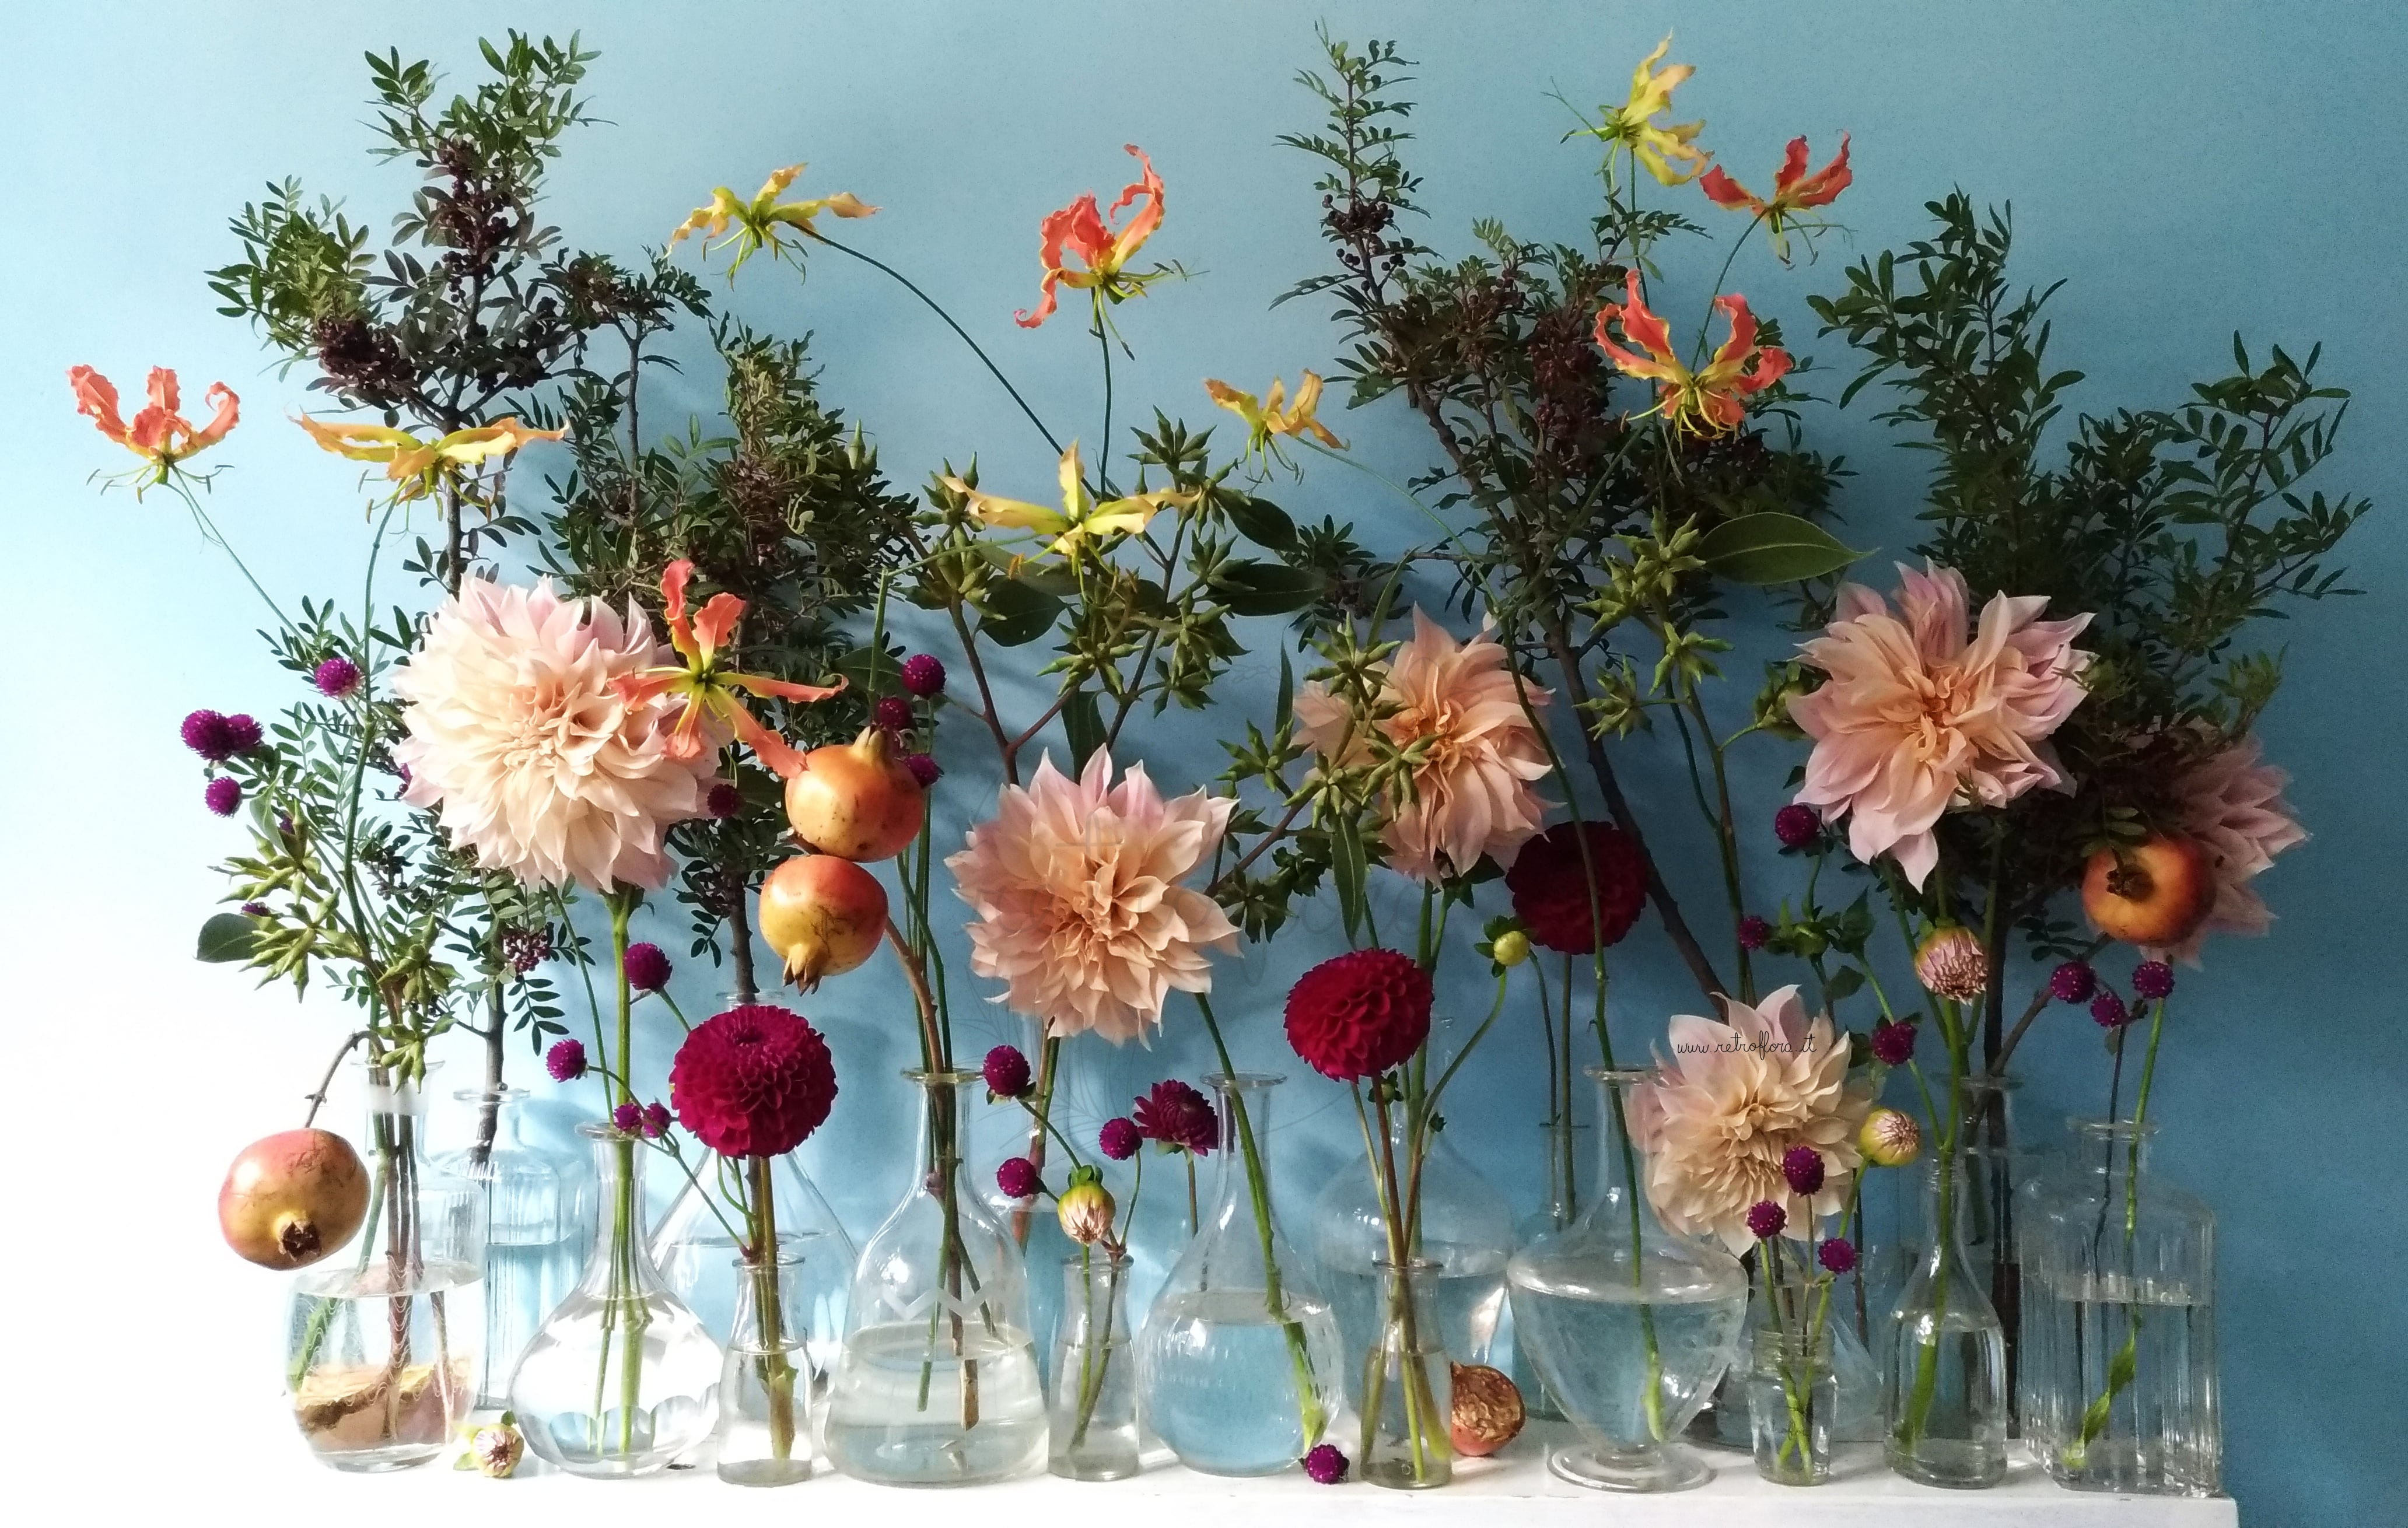 La Mensola Fiorita Dalie e Gloriosa - Retroflora